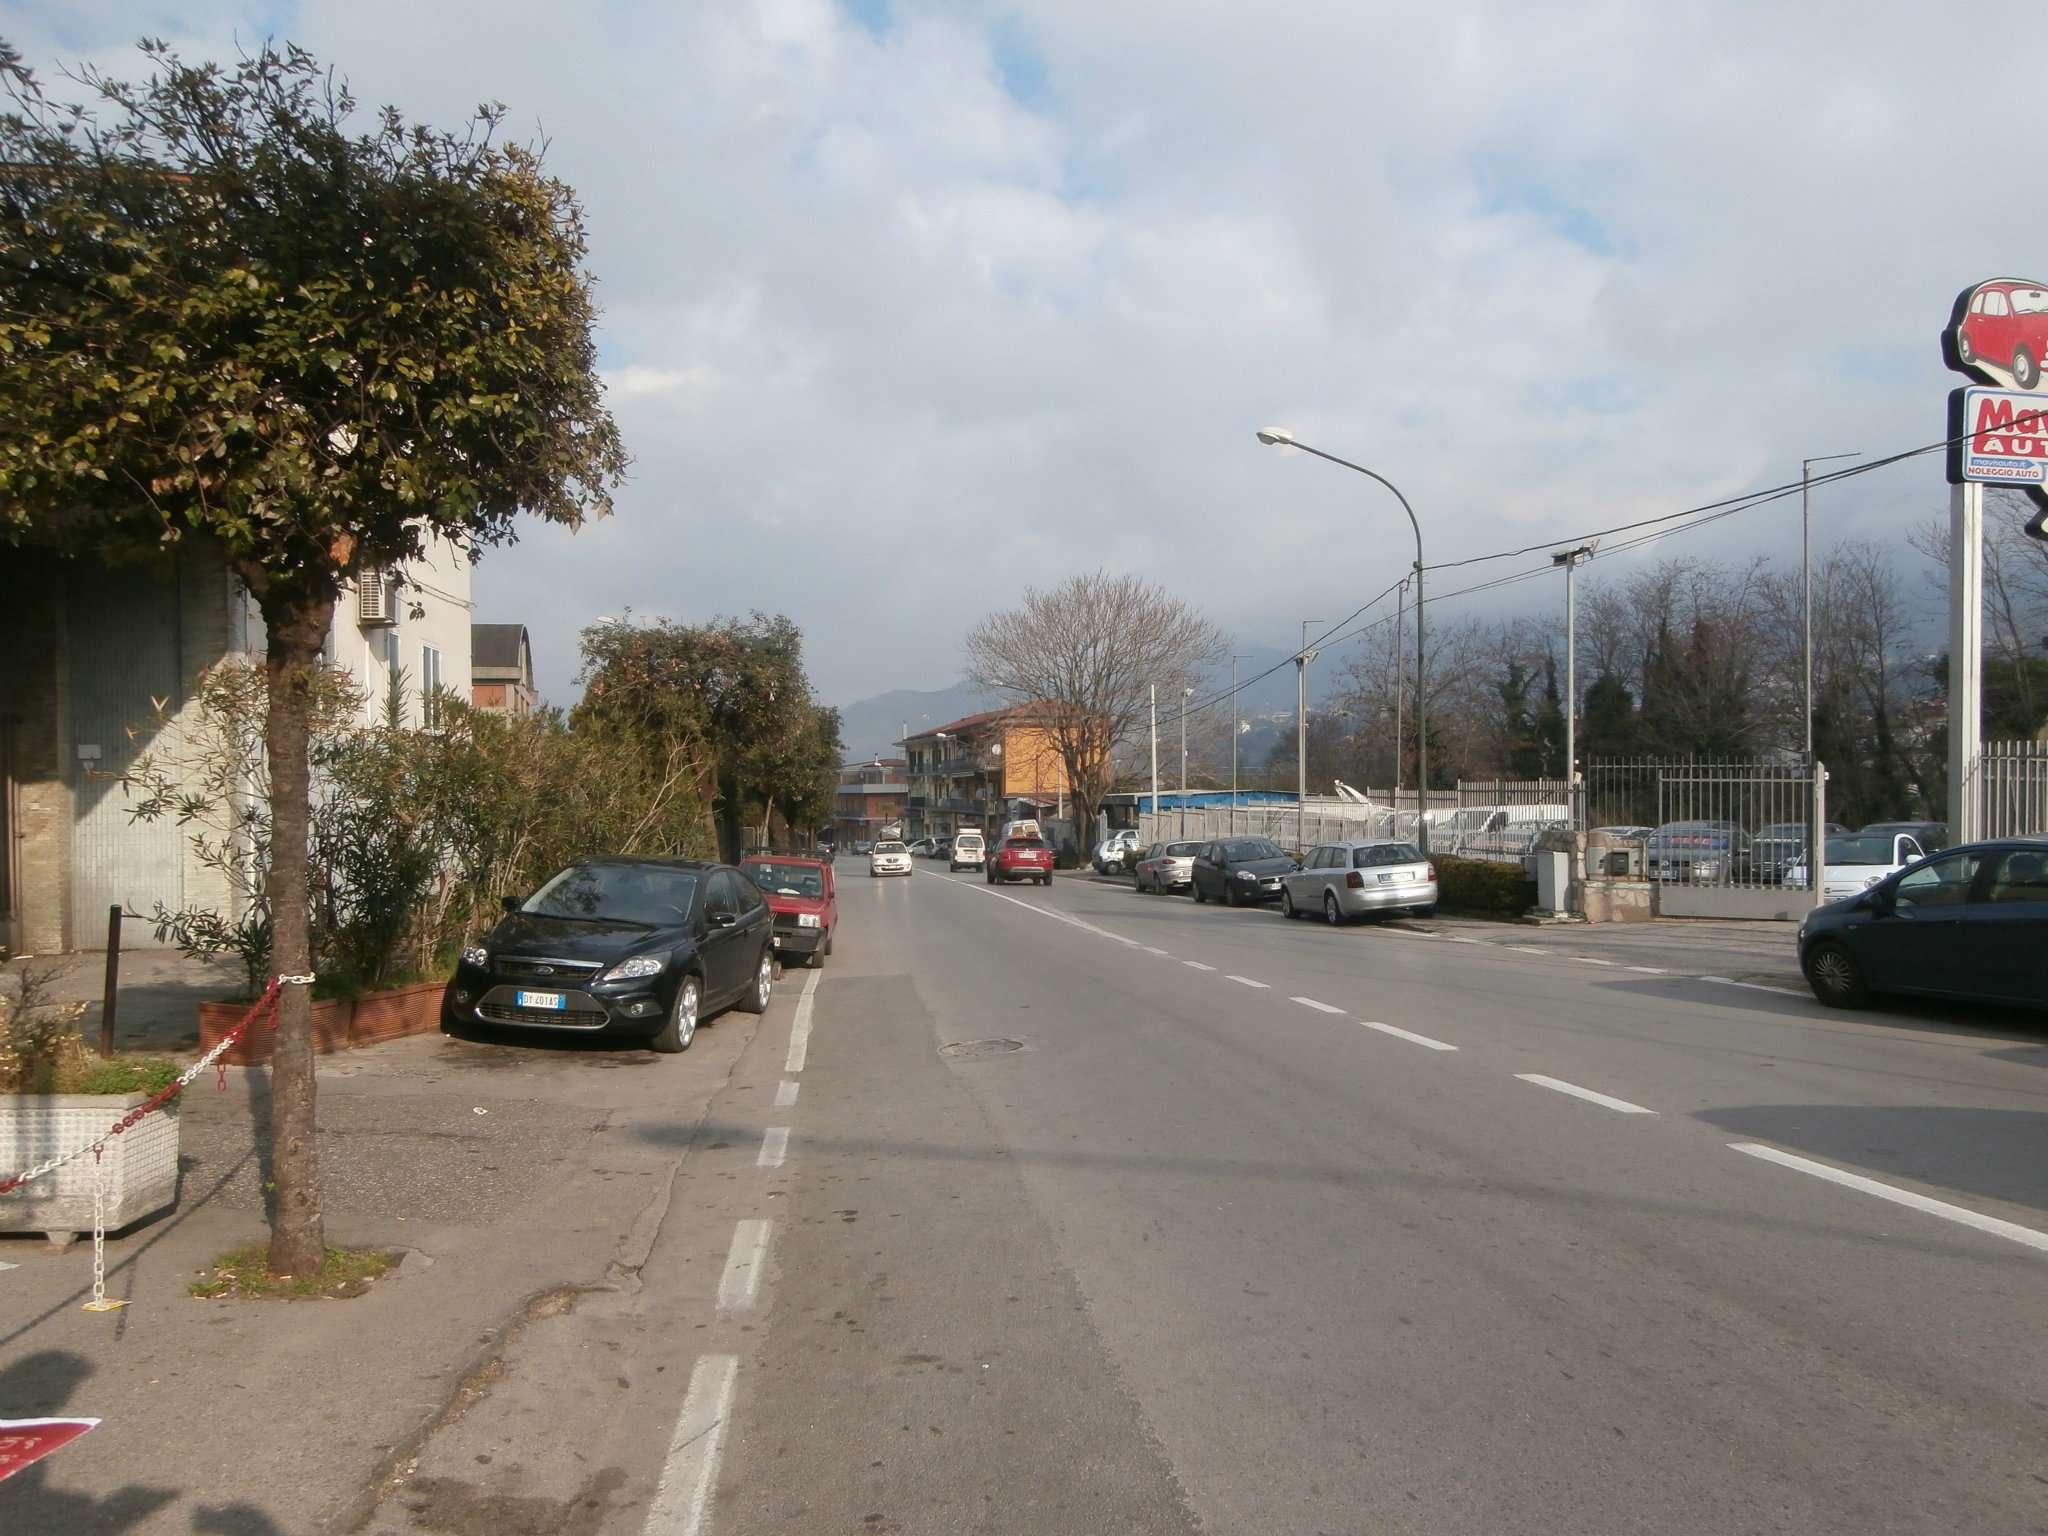 Negozio / Locale in vendita a Cava de' Tirreni, 9999 locali, prezzo € 175.000 | CambioCasa.it